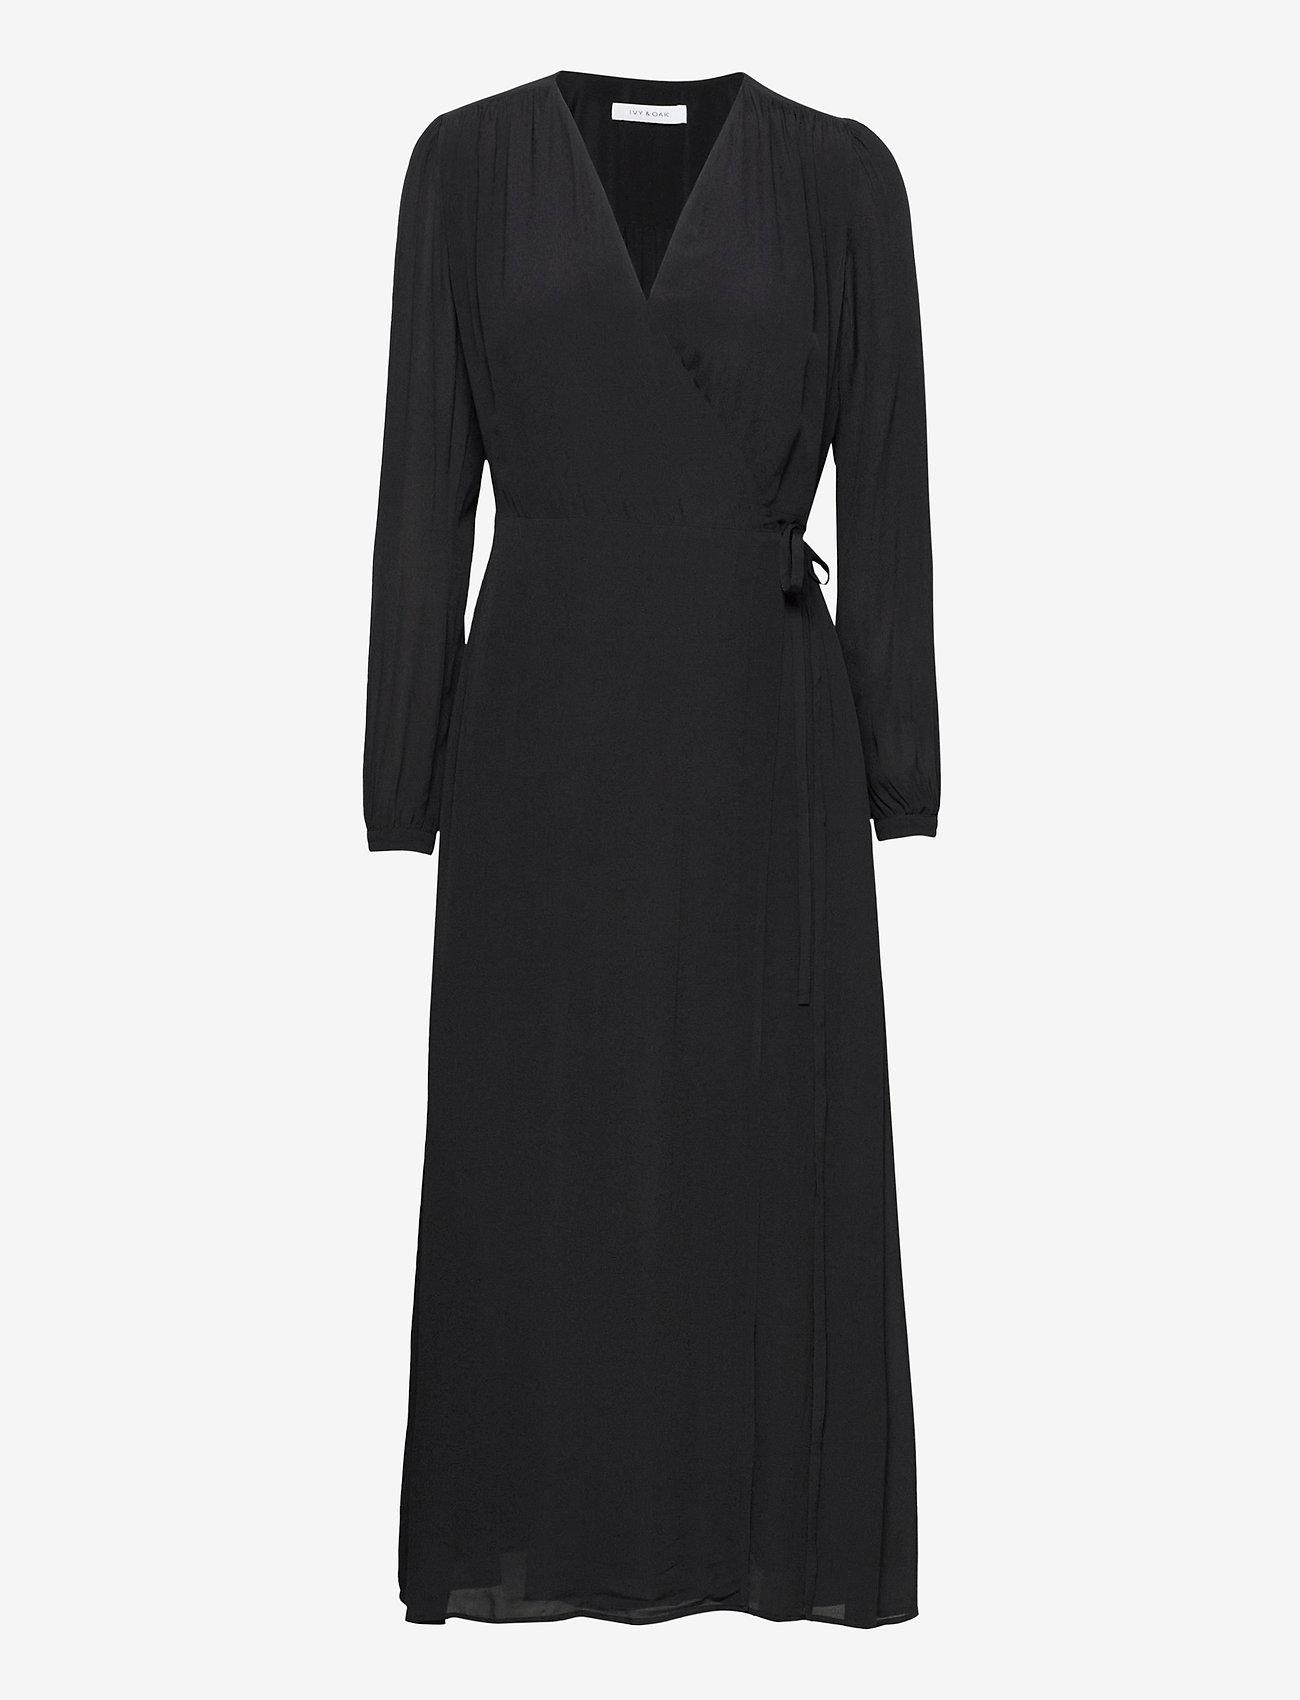 Ivy & Oak - WRAP DRESS ANKLE LENGTH - sommerkjoler - black - 0